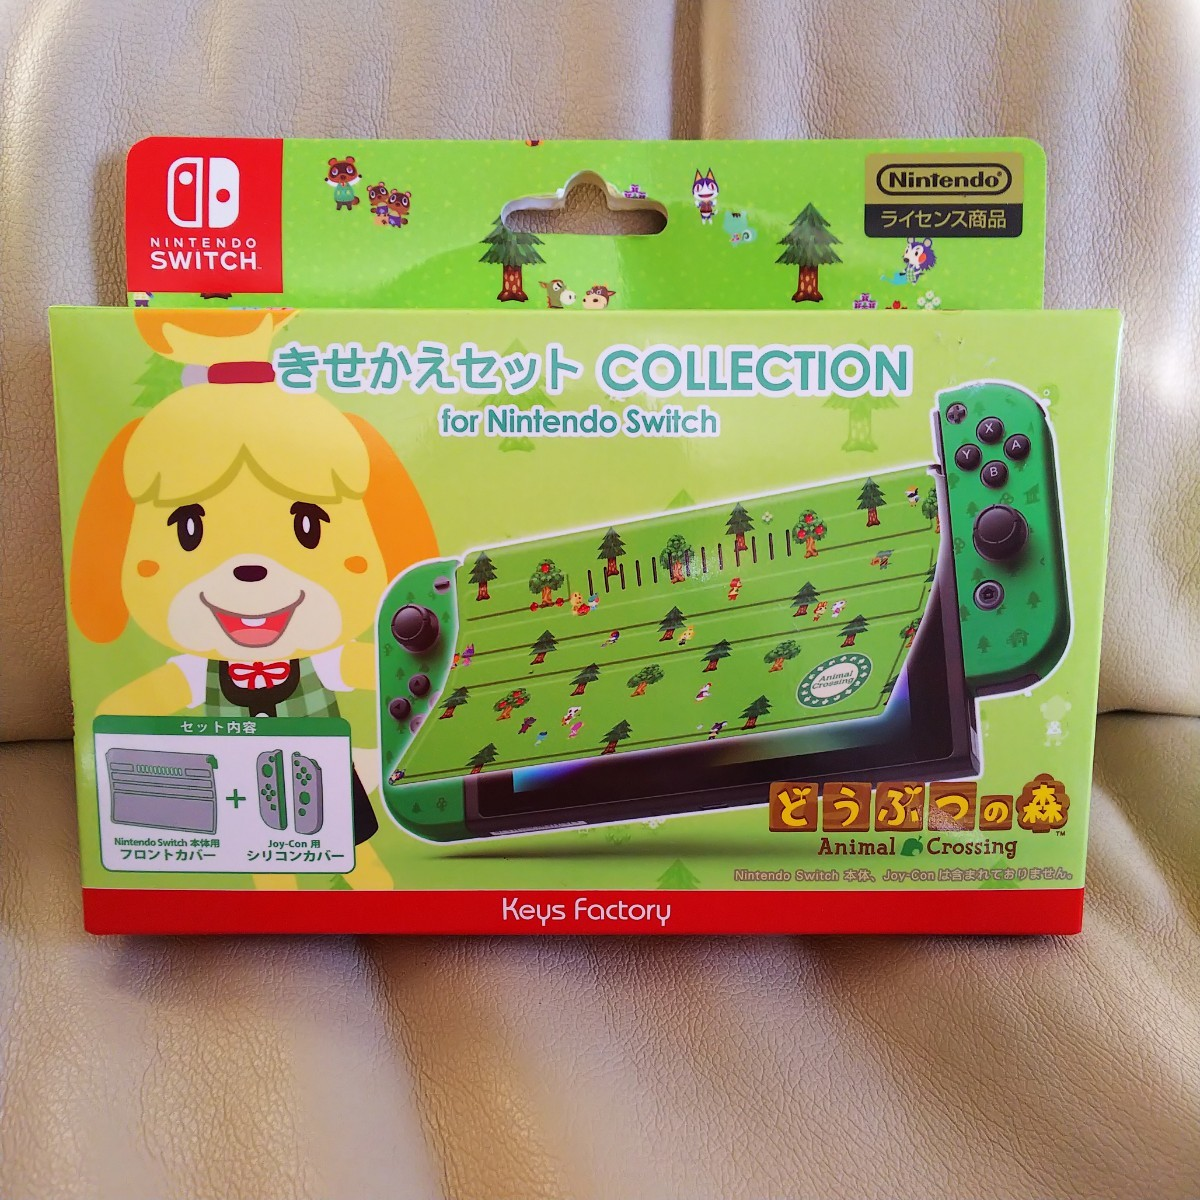 Nintendo Switch (どうぶつの森) きせかえセット